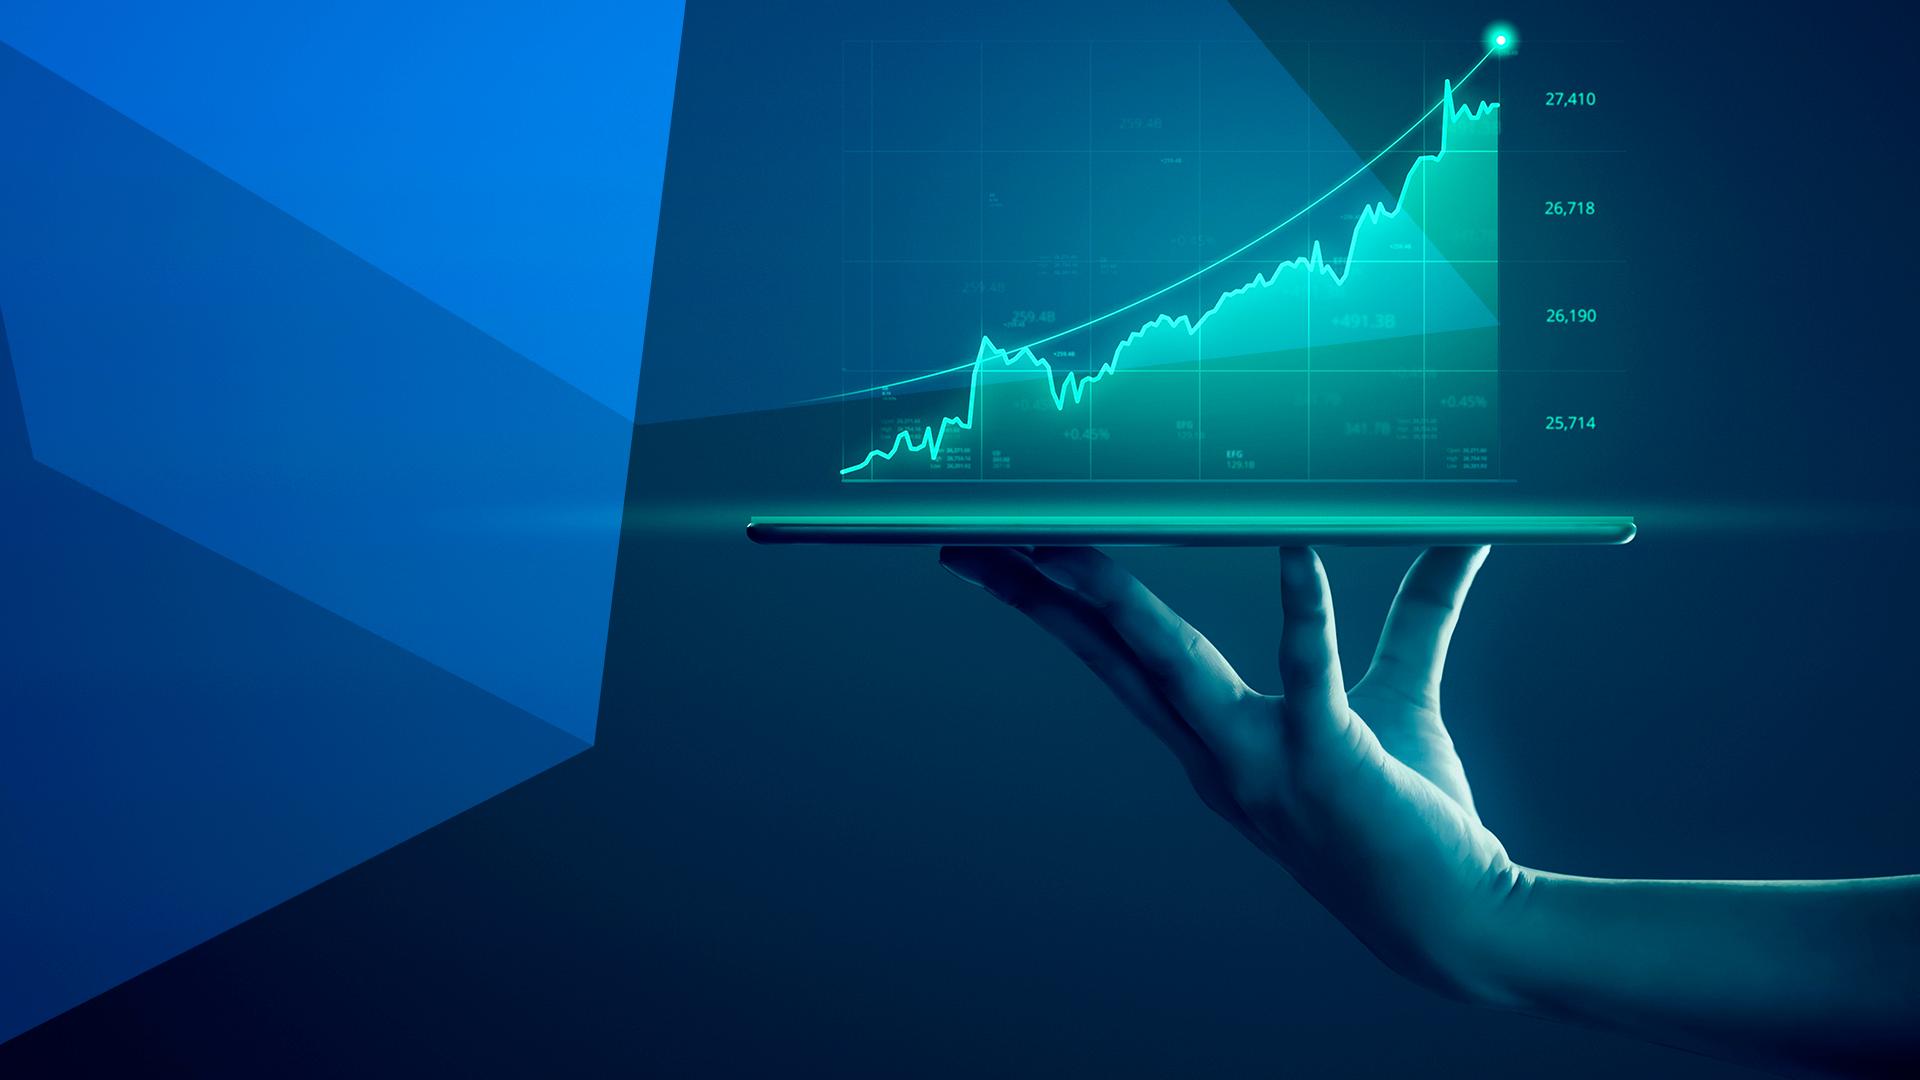 Wirtschaft, Entwicklung, Geschäft, Börse, Business, Aktie, Aktien, Aktienkurs, Kurs, Geschäftskunden, Finanzen, Geschäftsbericht, Business Network, Finanzwesen, Diagramm, Ökonomie, Verlauf, chart, Aufstieg, Werte, Aktienwert, DAX, Aktienpaket, Kursverlauf, Präsentiert, Tablett